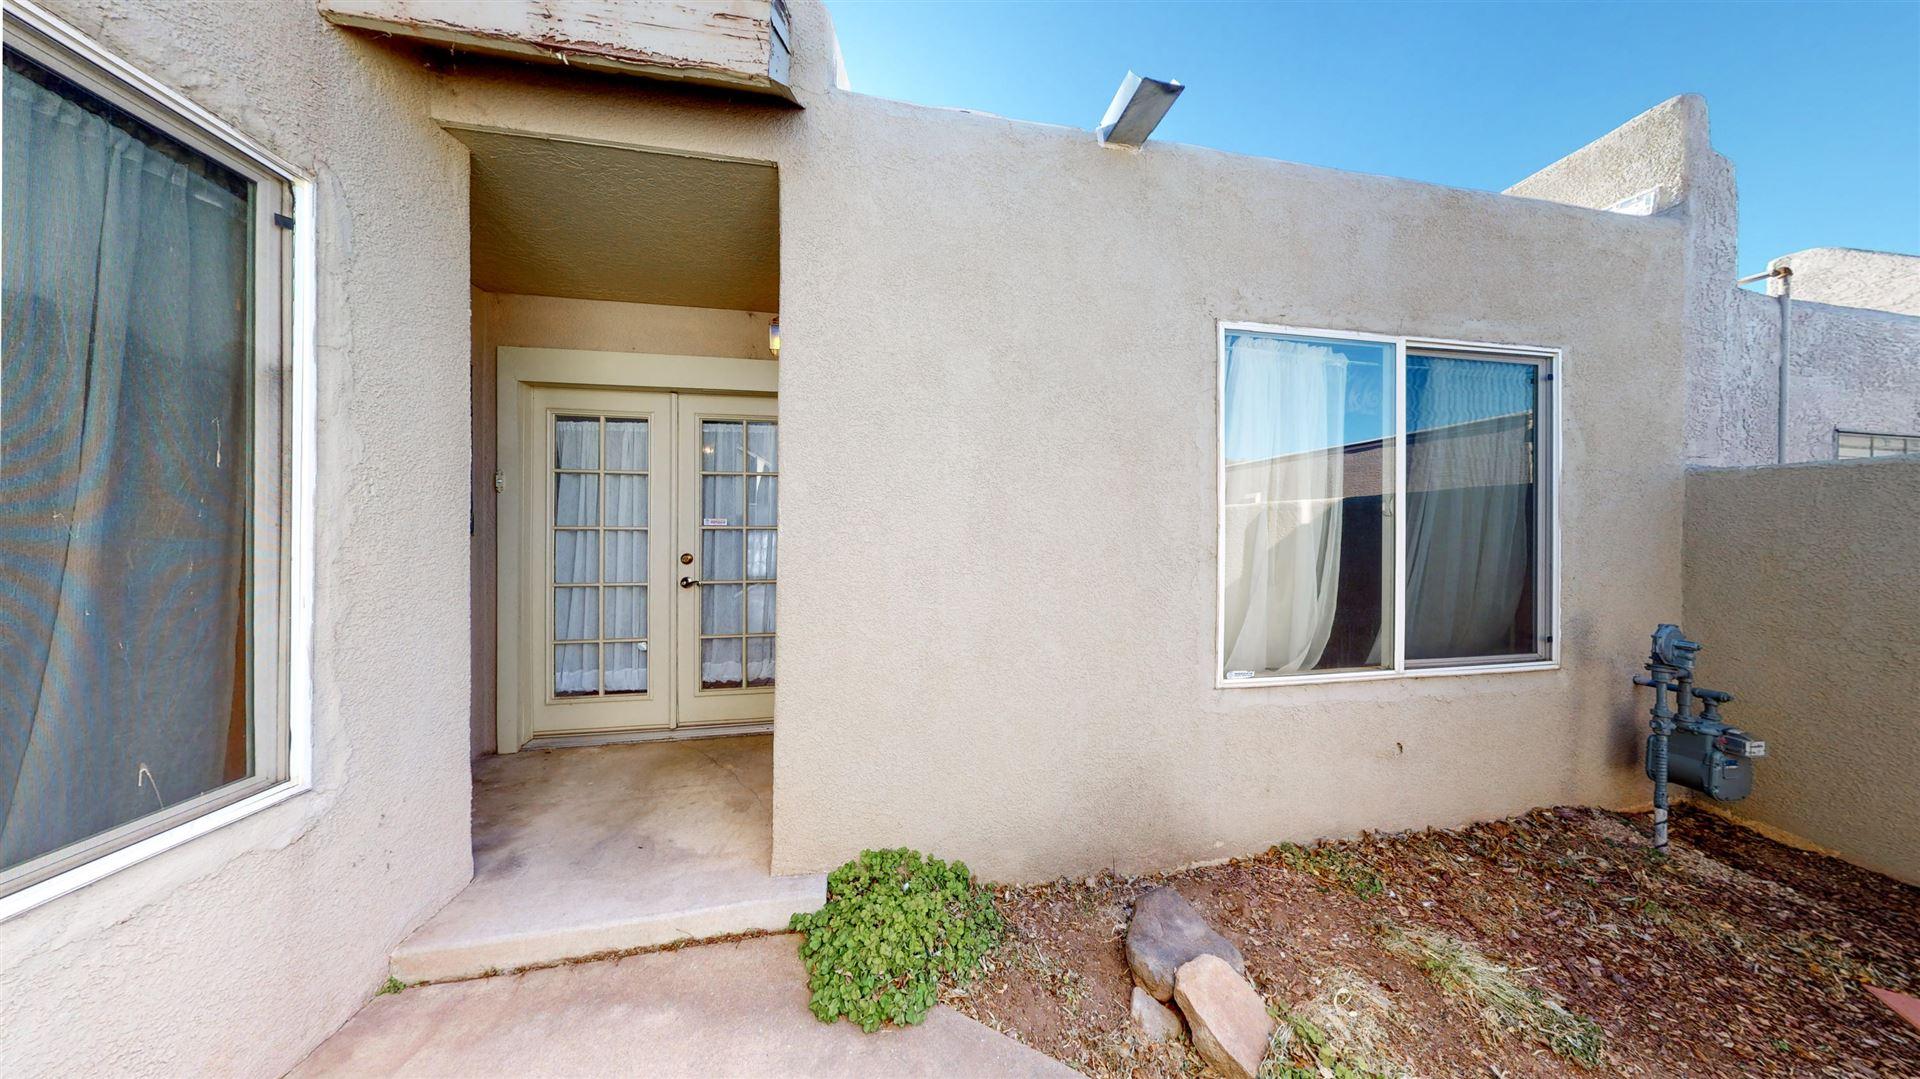 Photo of 11632 CANDELARIA Road NE, Albuquerque, NM 87112 (MLS # 985680)